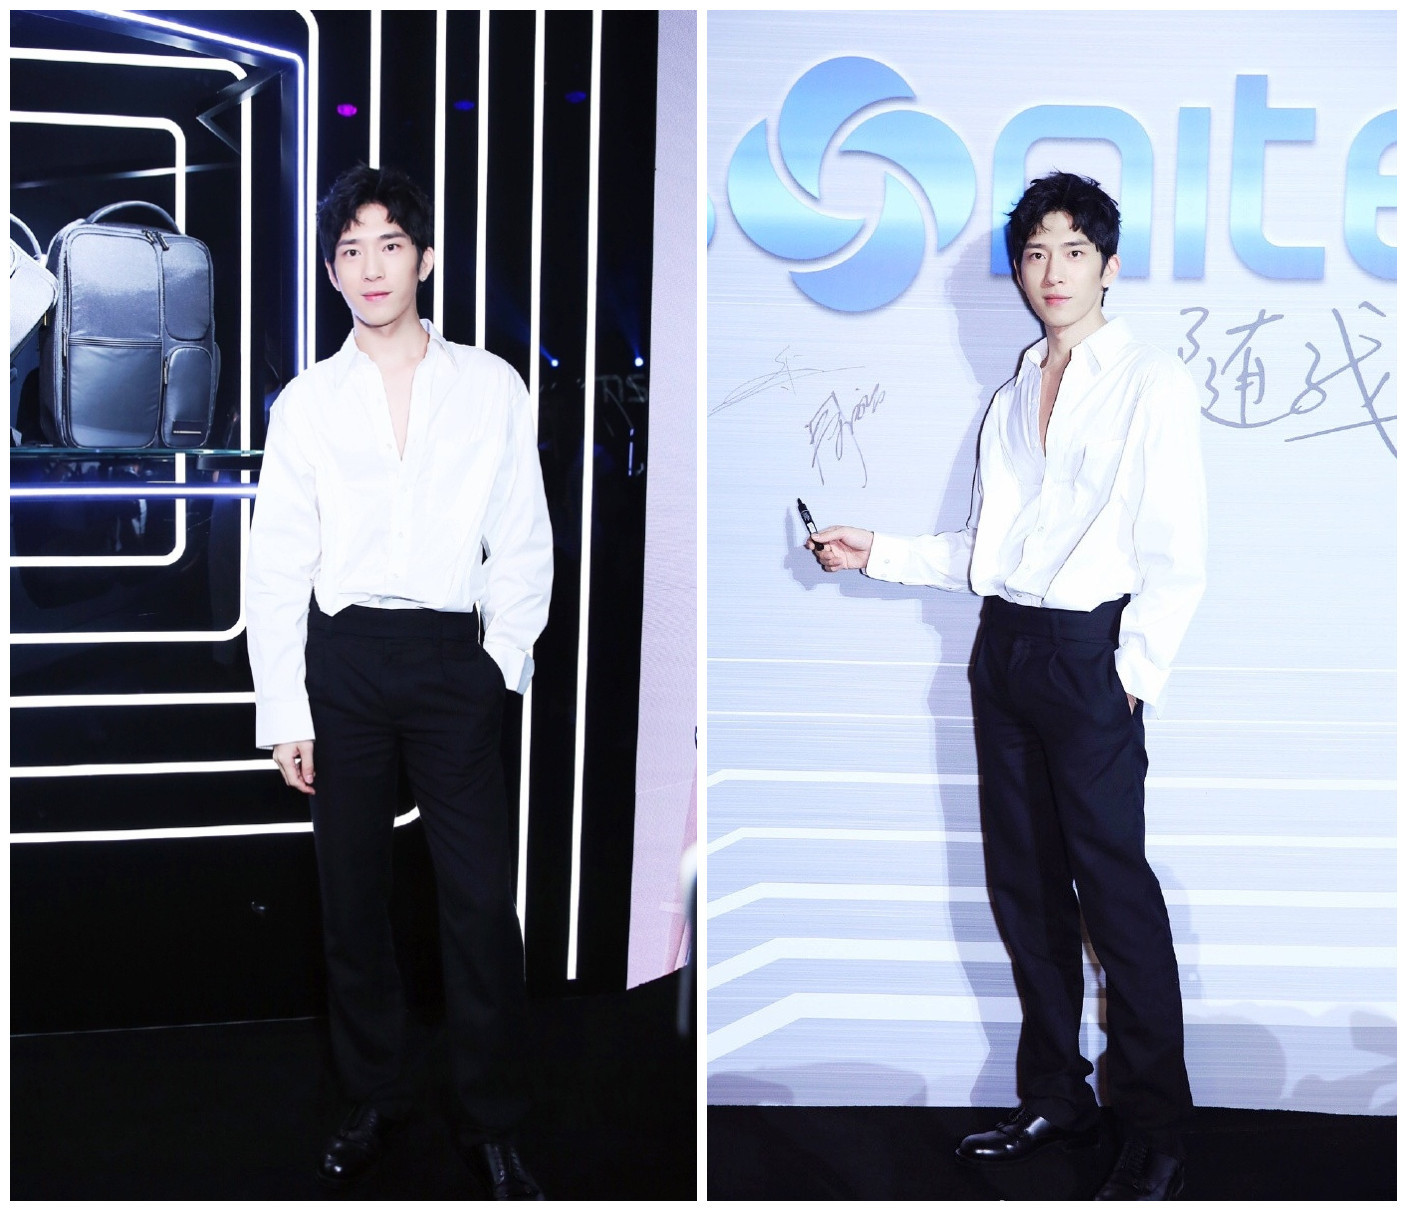 井柏然刘昊然同场观秀,连钢琴家郎朗都精心打扮,他俩却只穿白T